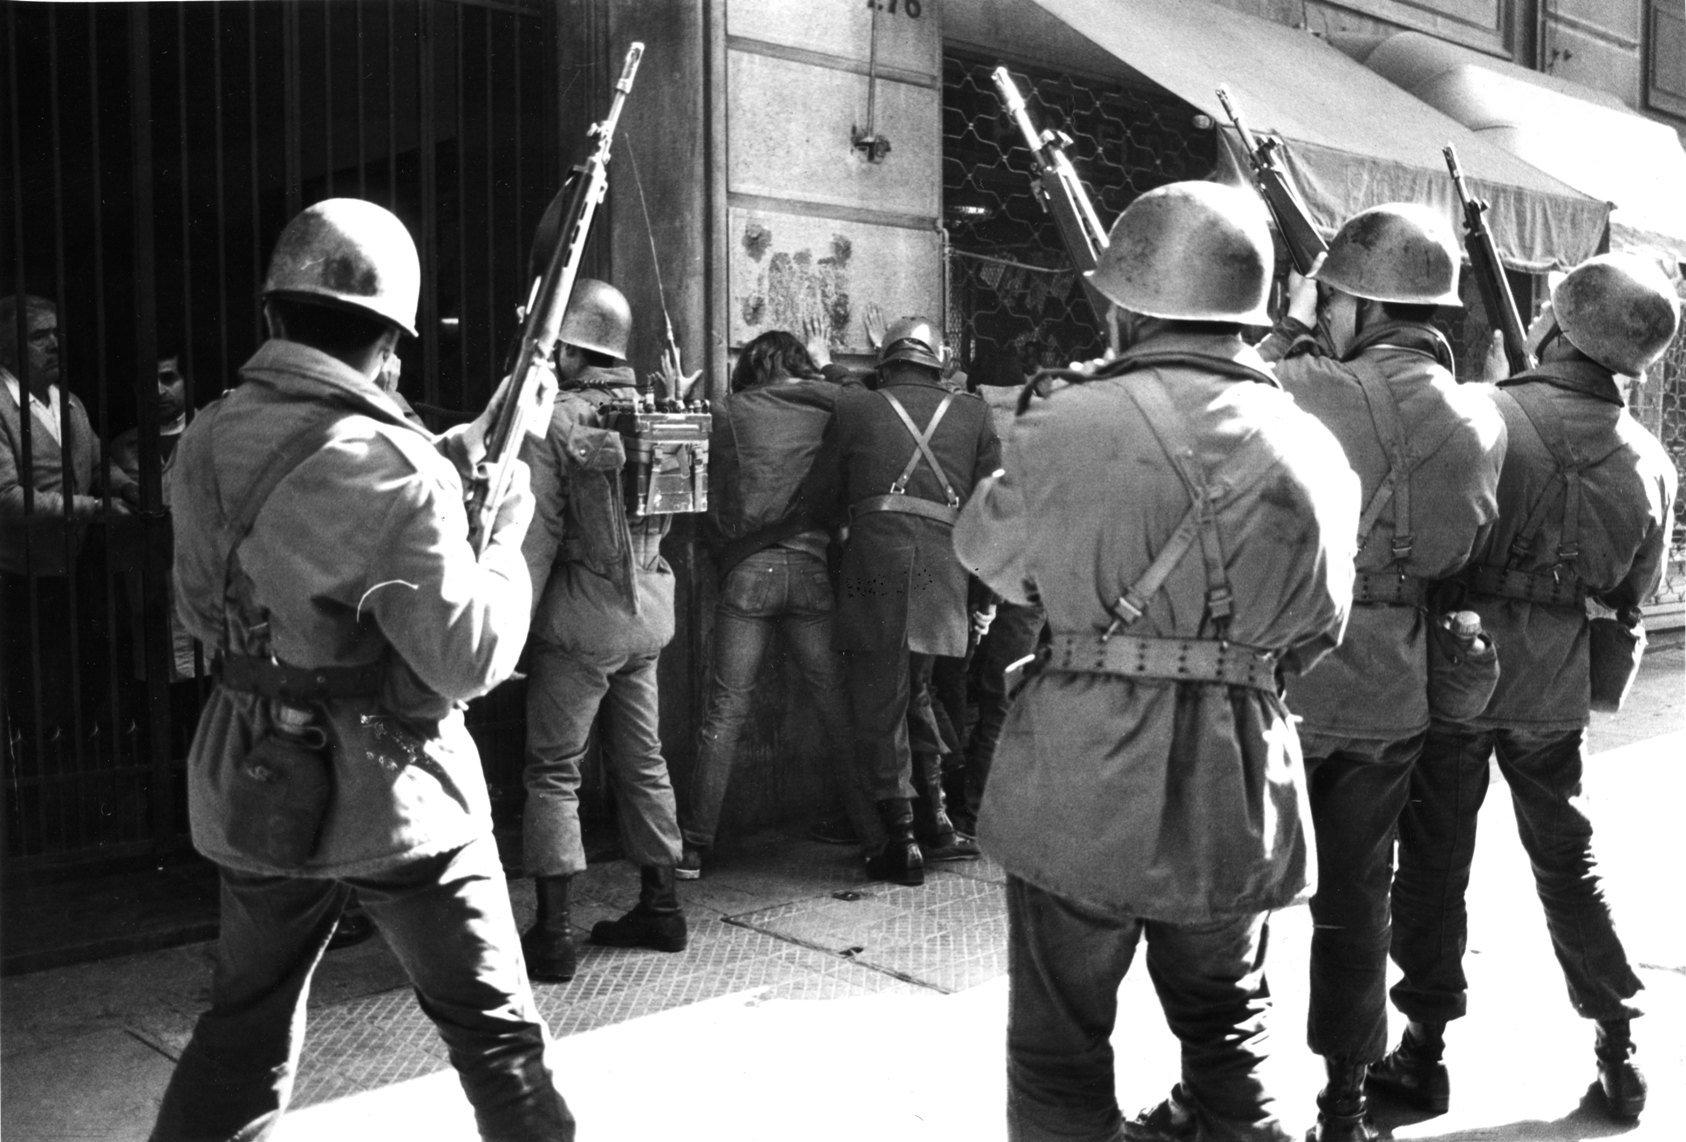 Museo de la Memoria y Cineteca Nacional presentan ciclo sobre la dictadura en Chile